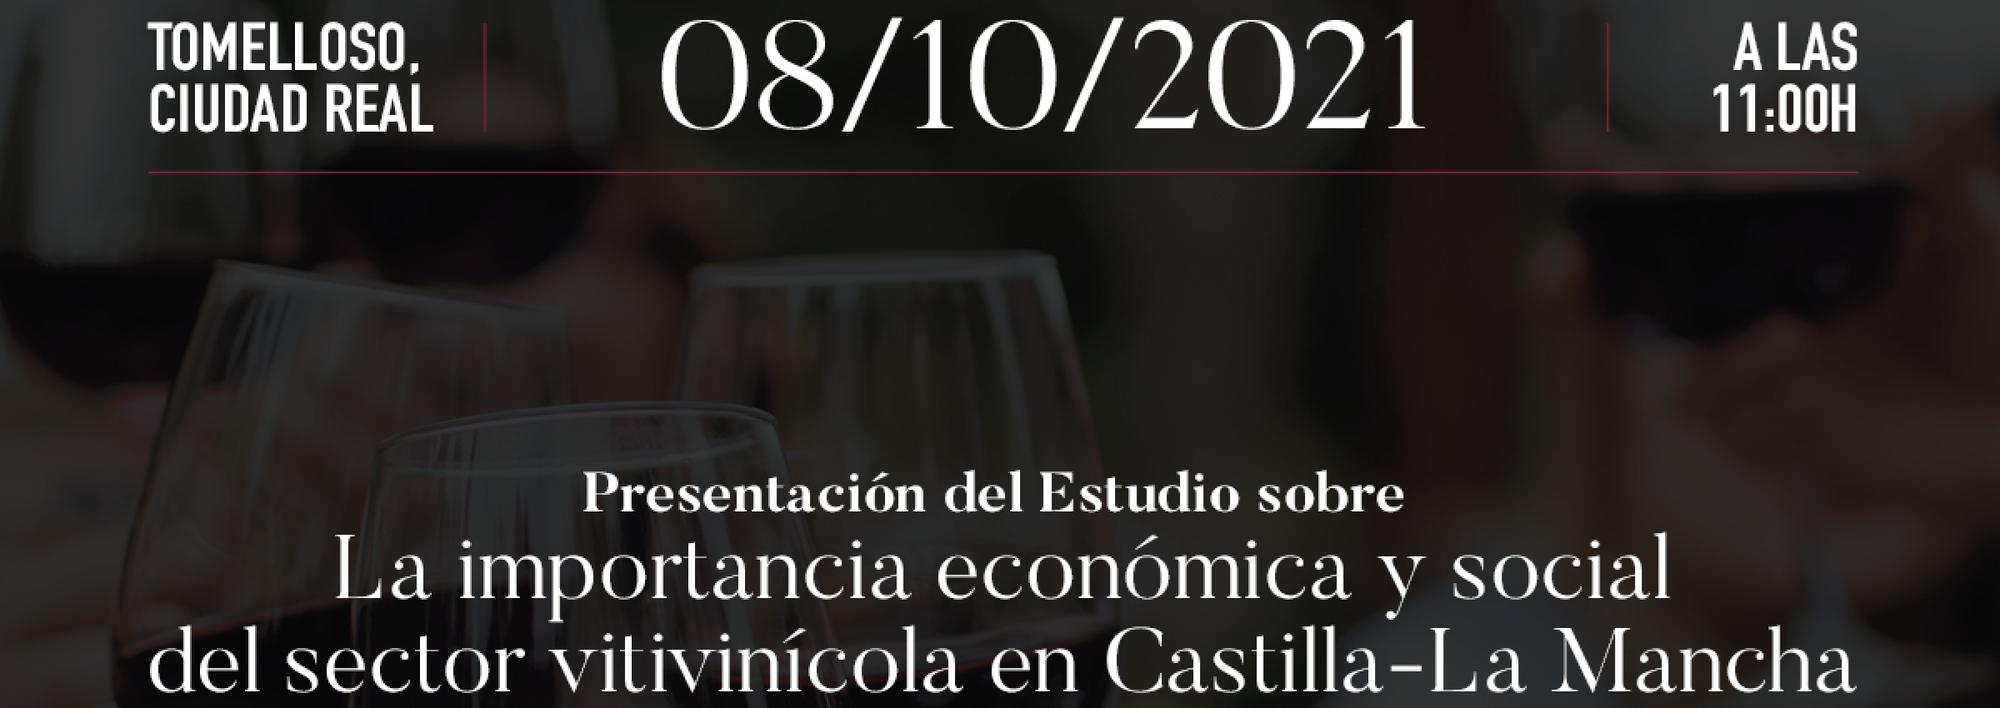 Presentación Estudio Importancia sector vitivinícola en Castilla-La Mancha